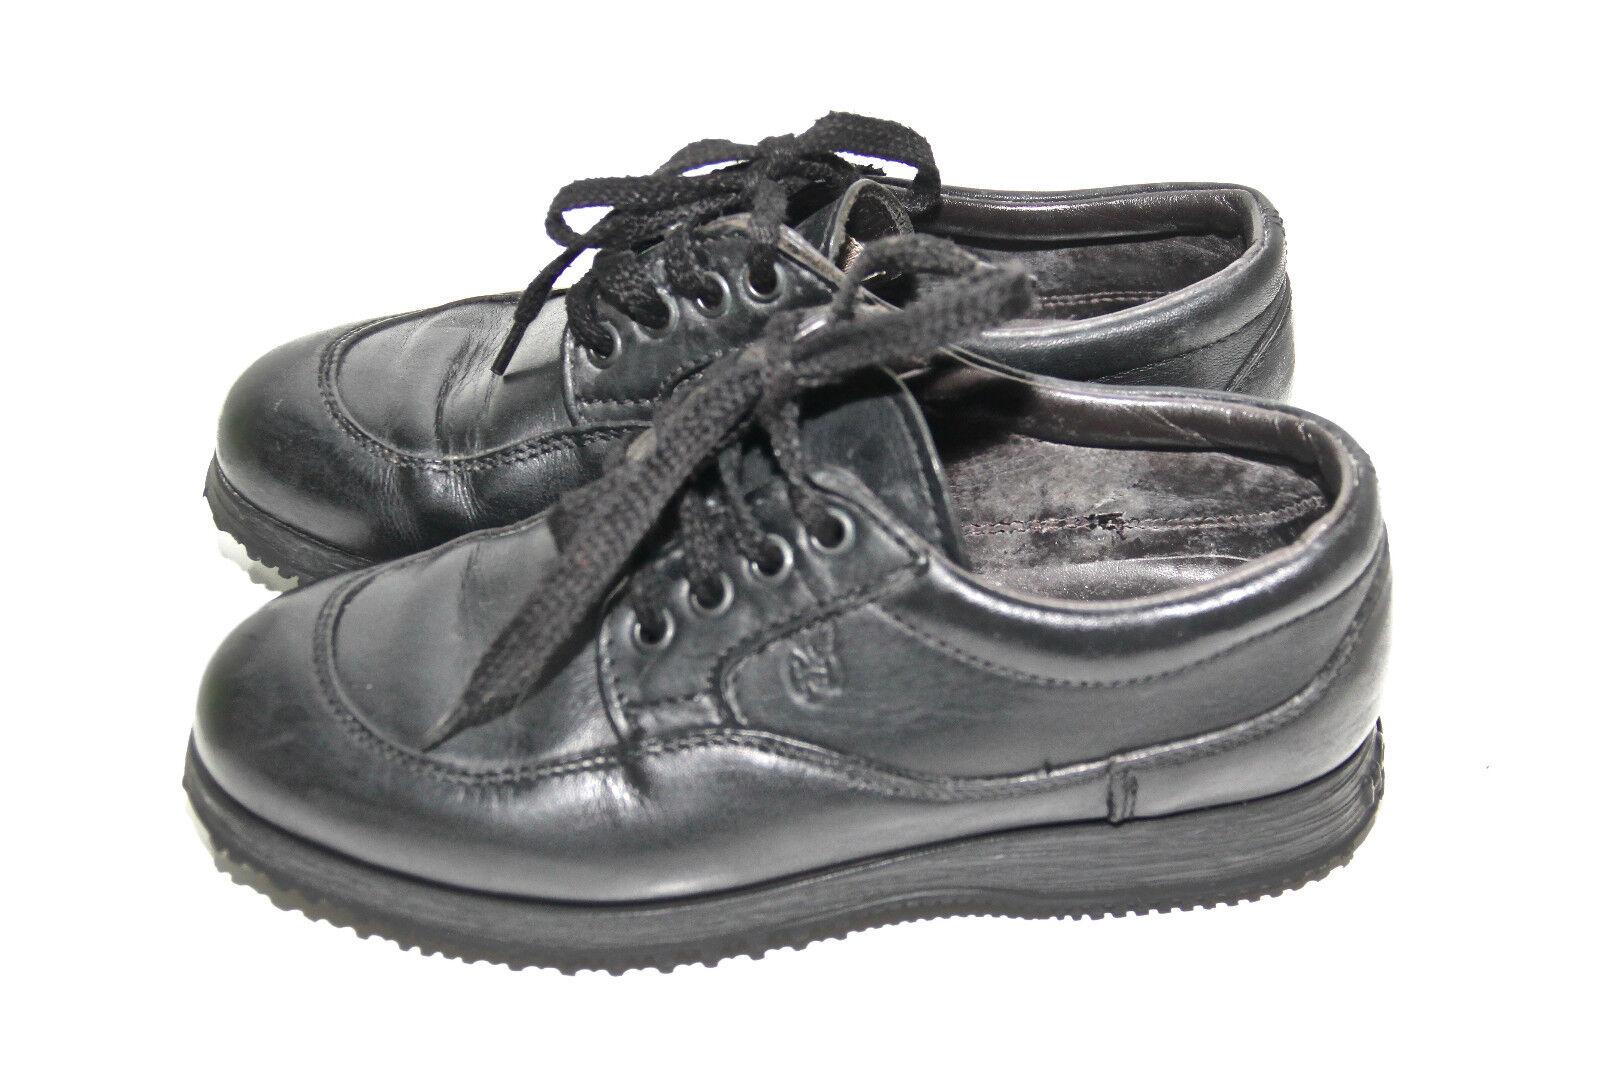 luxueuses sneakers en cuir noir ÉTAT HOGAN pointure 35 EXCELLENT ÉTAT noir modèle mixte d56023